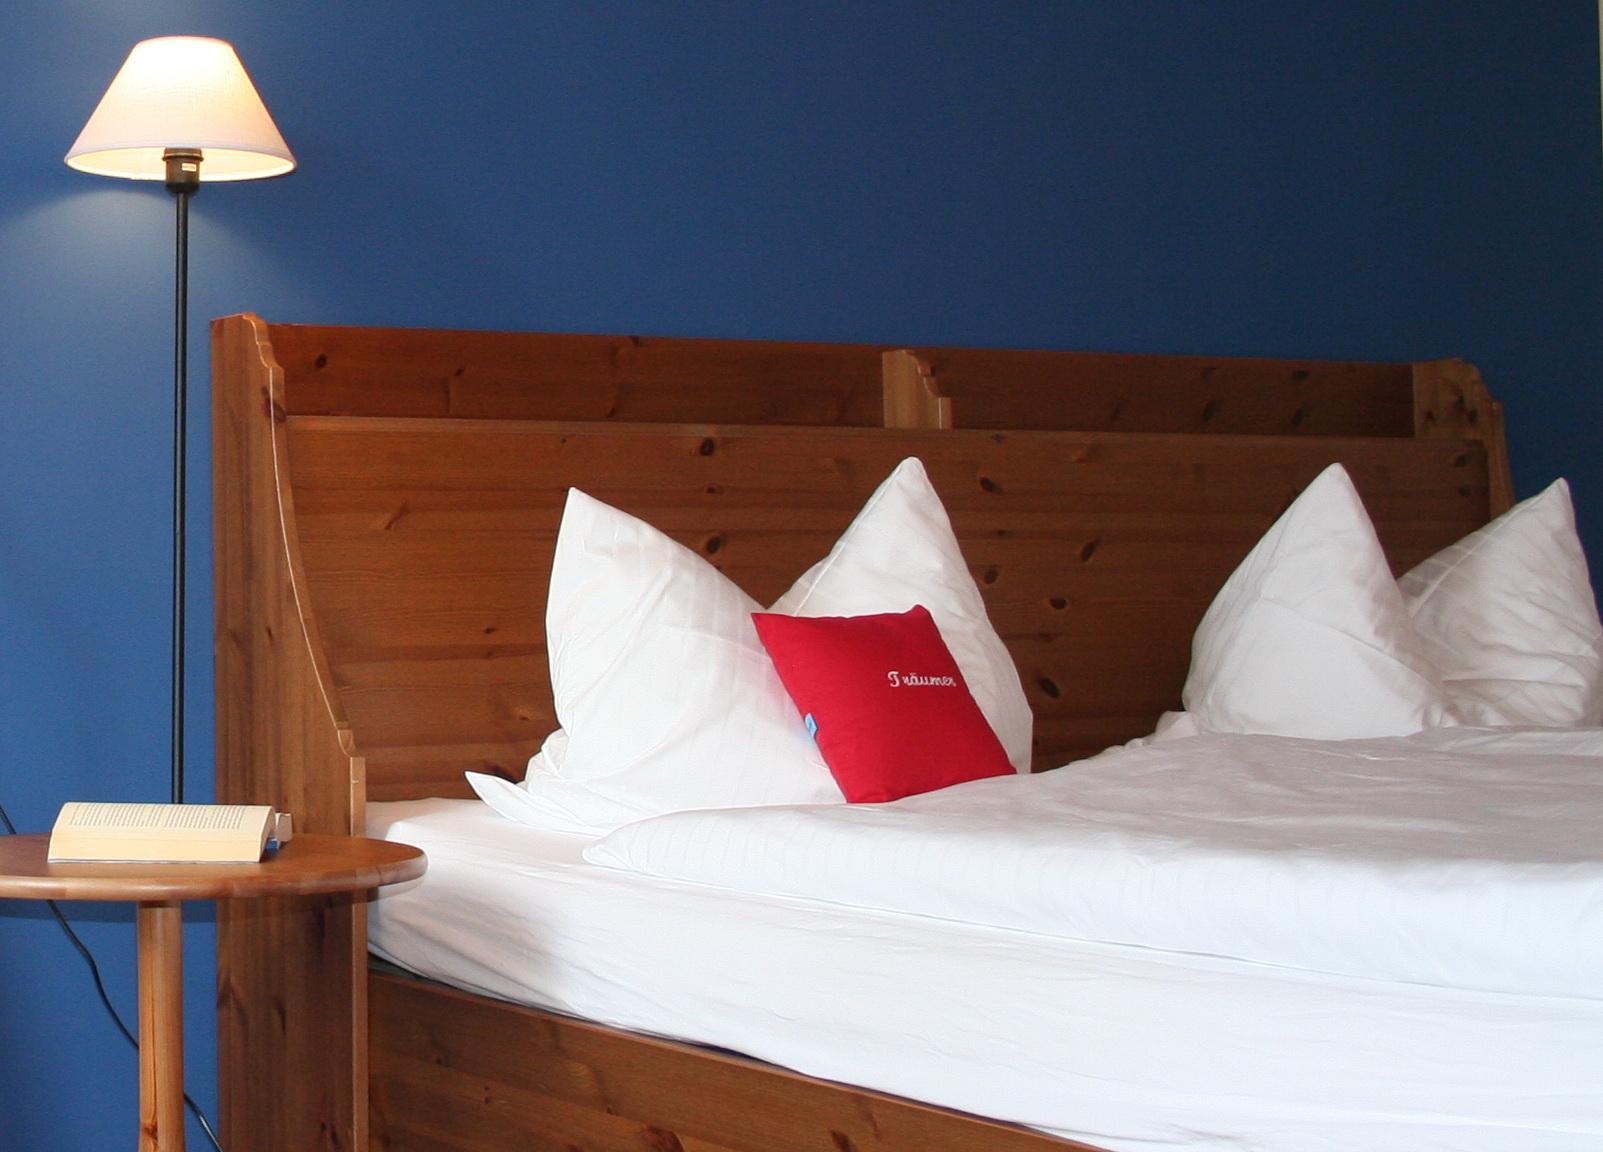 Janbecks - Elternschlafzimmer in der Bauernstube